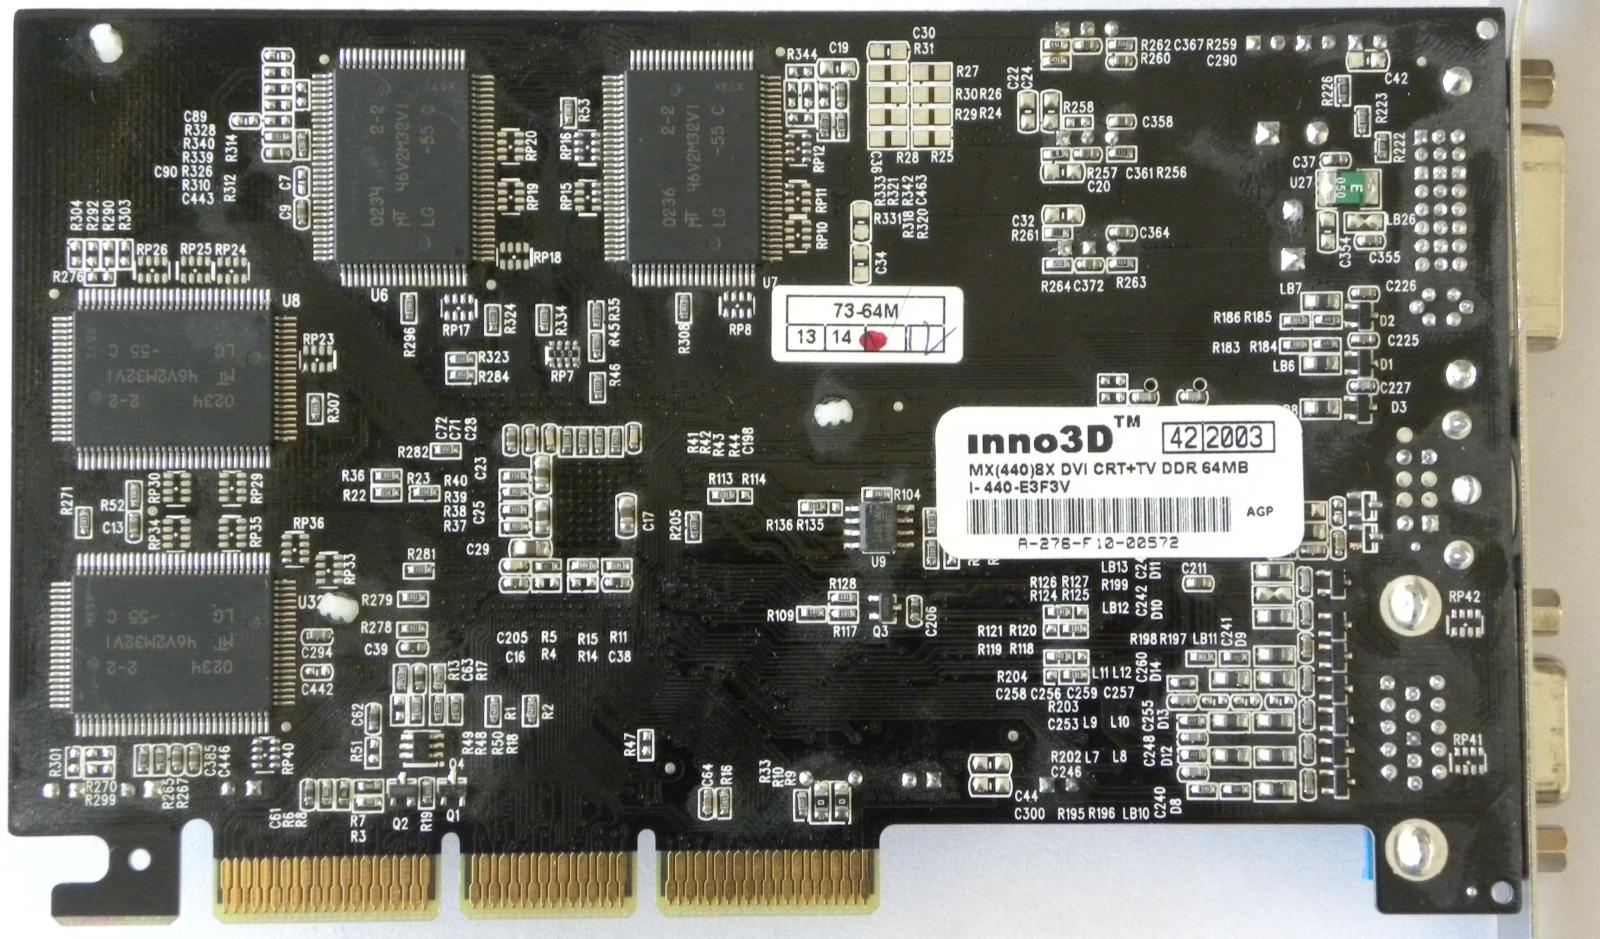 Geforce4 mx 440 8x 128mb драйвер скачать